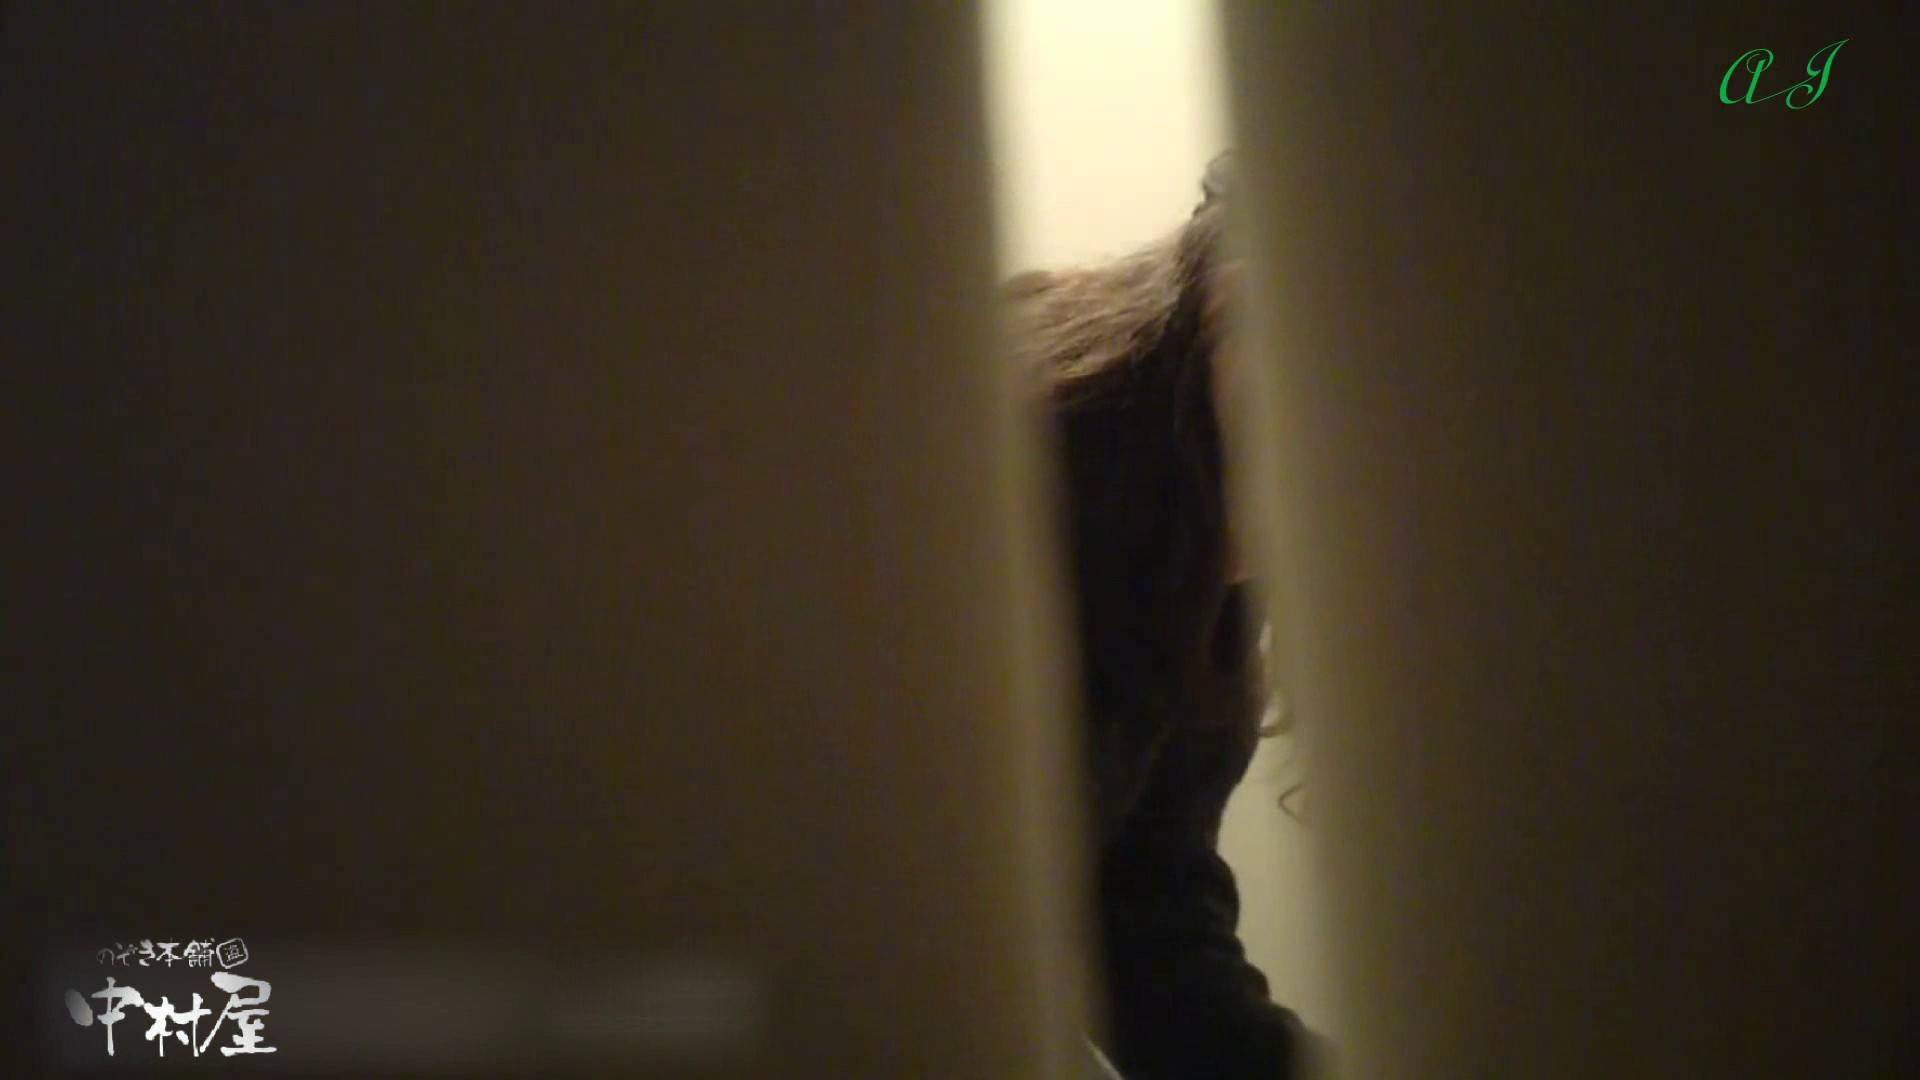 有名大学女性洗面所 vol.78 美女勢揃い 後編 洗面所突入 おまんこ動画流出 99pic 98